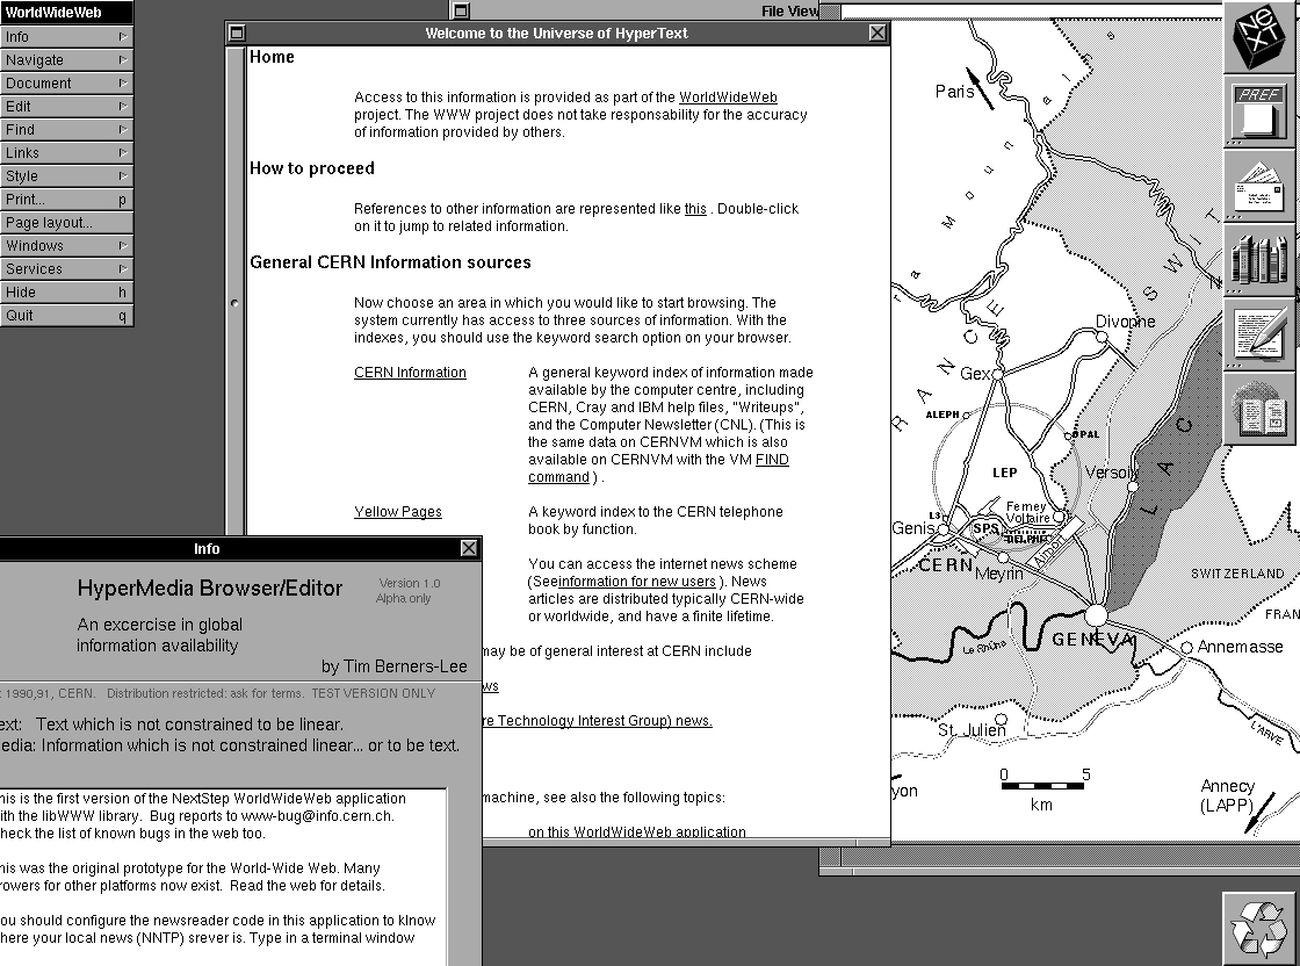 Il Web nel 1990. Image courtesy CERN